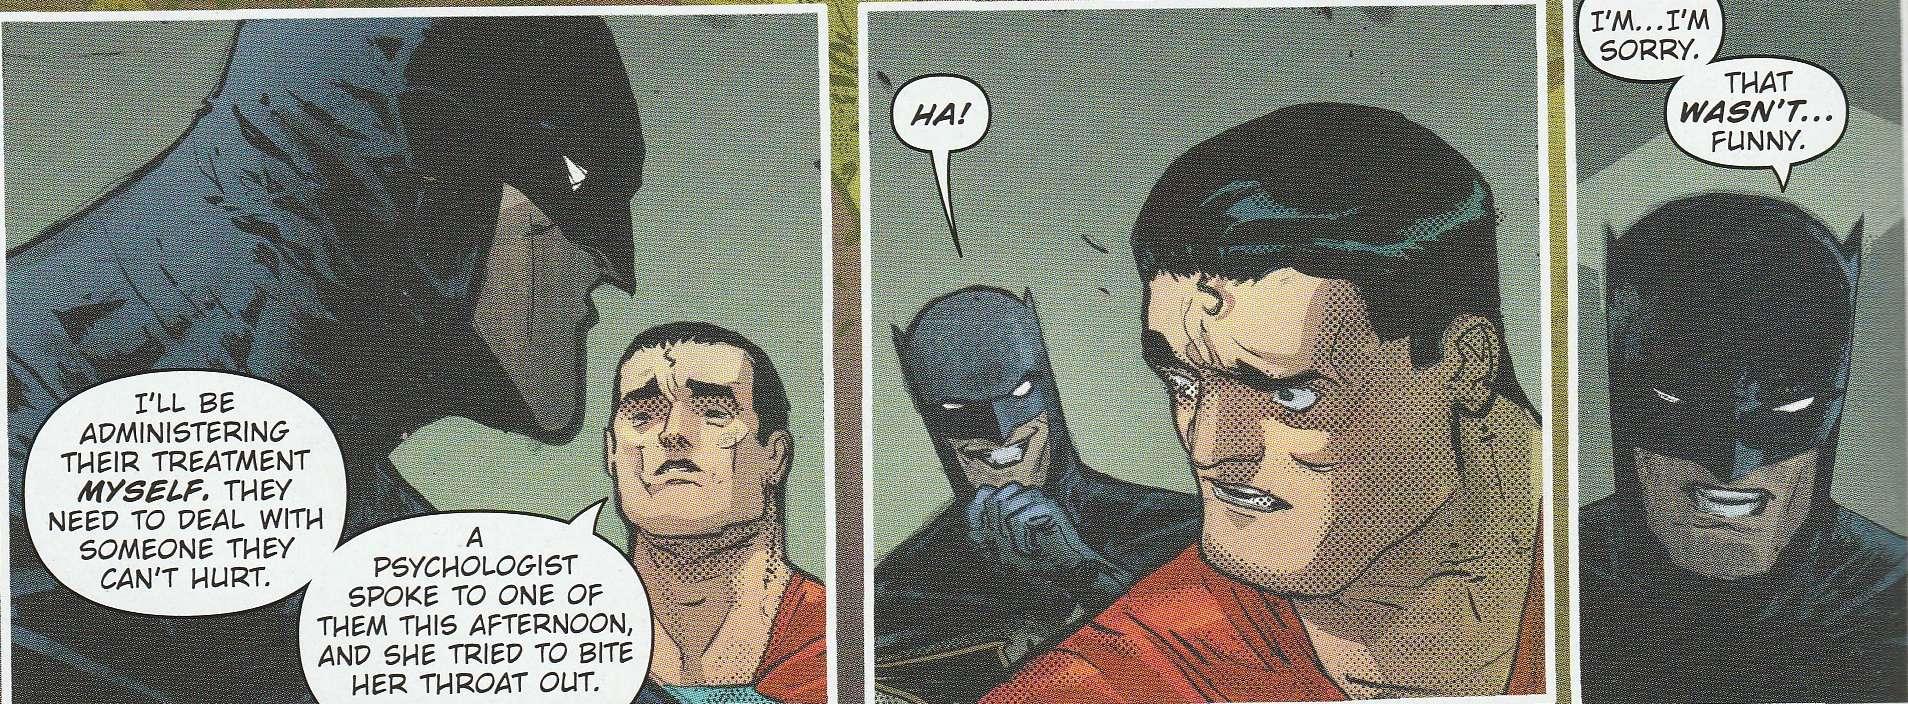 batman laughs